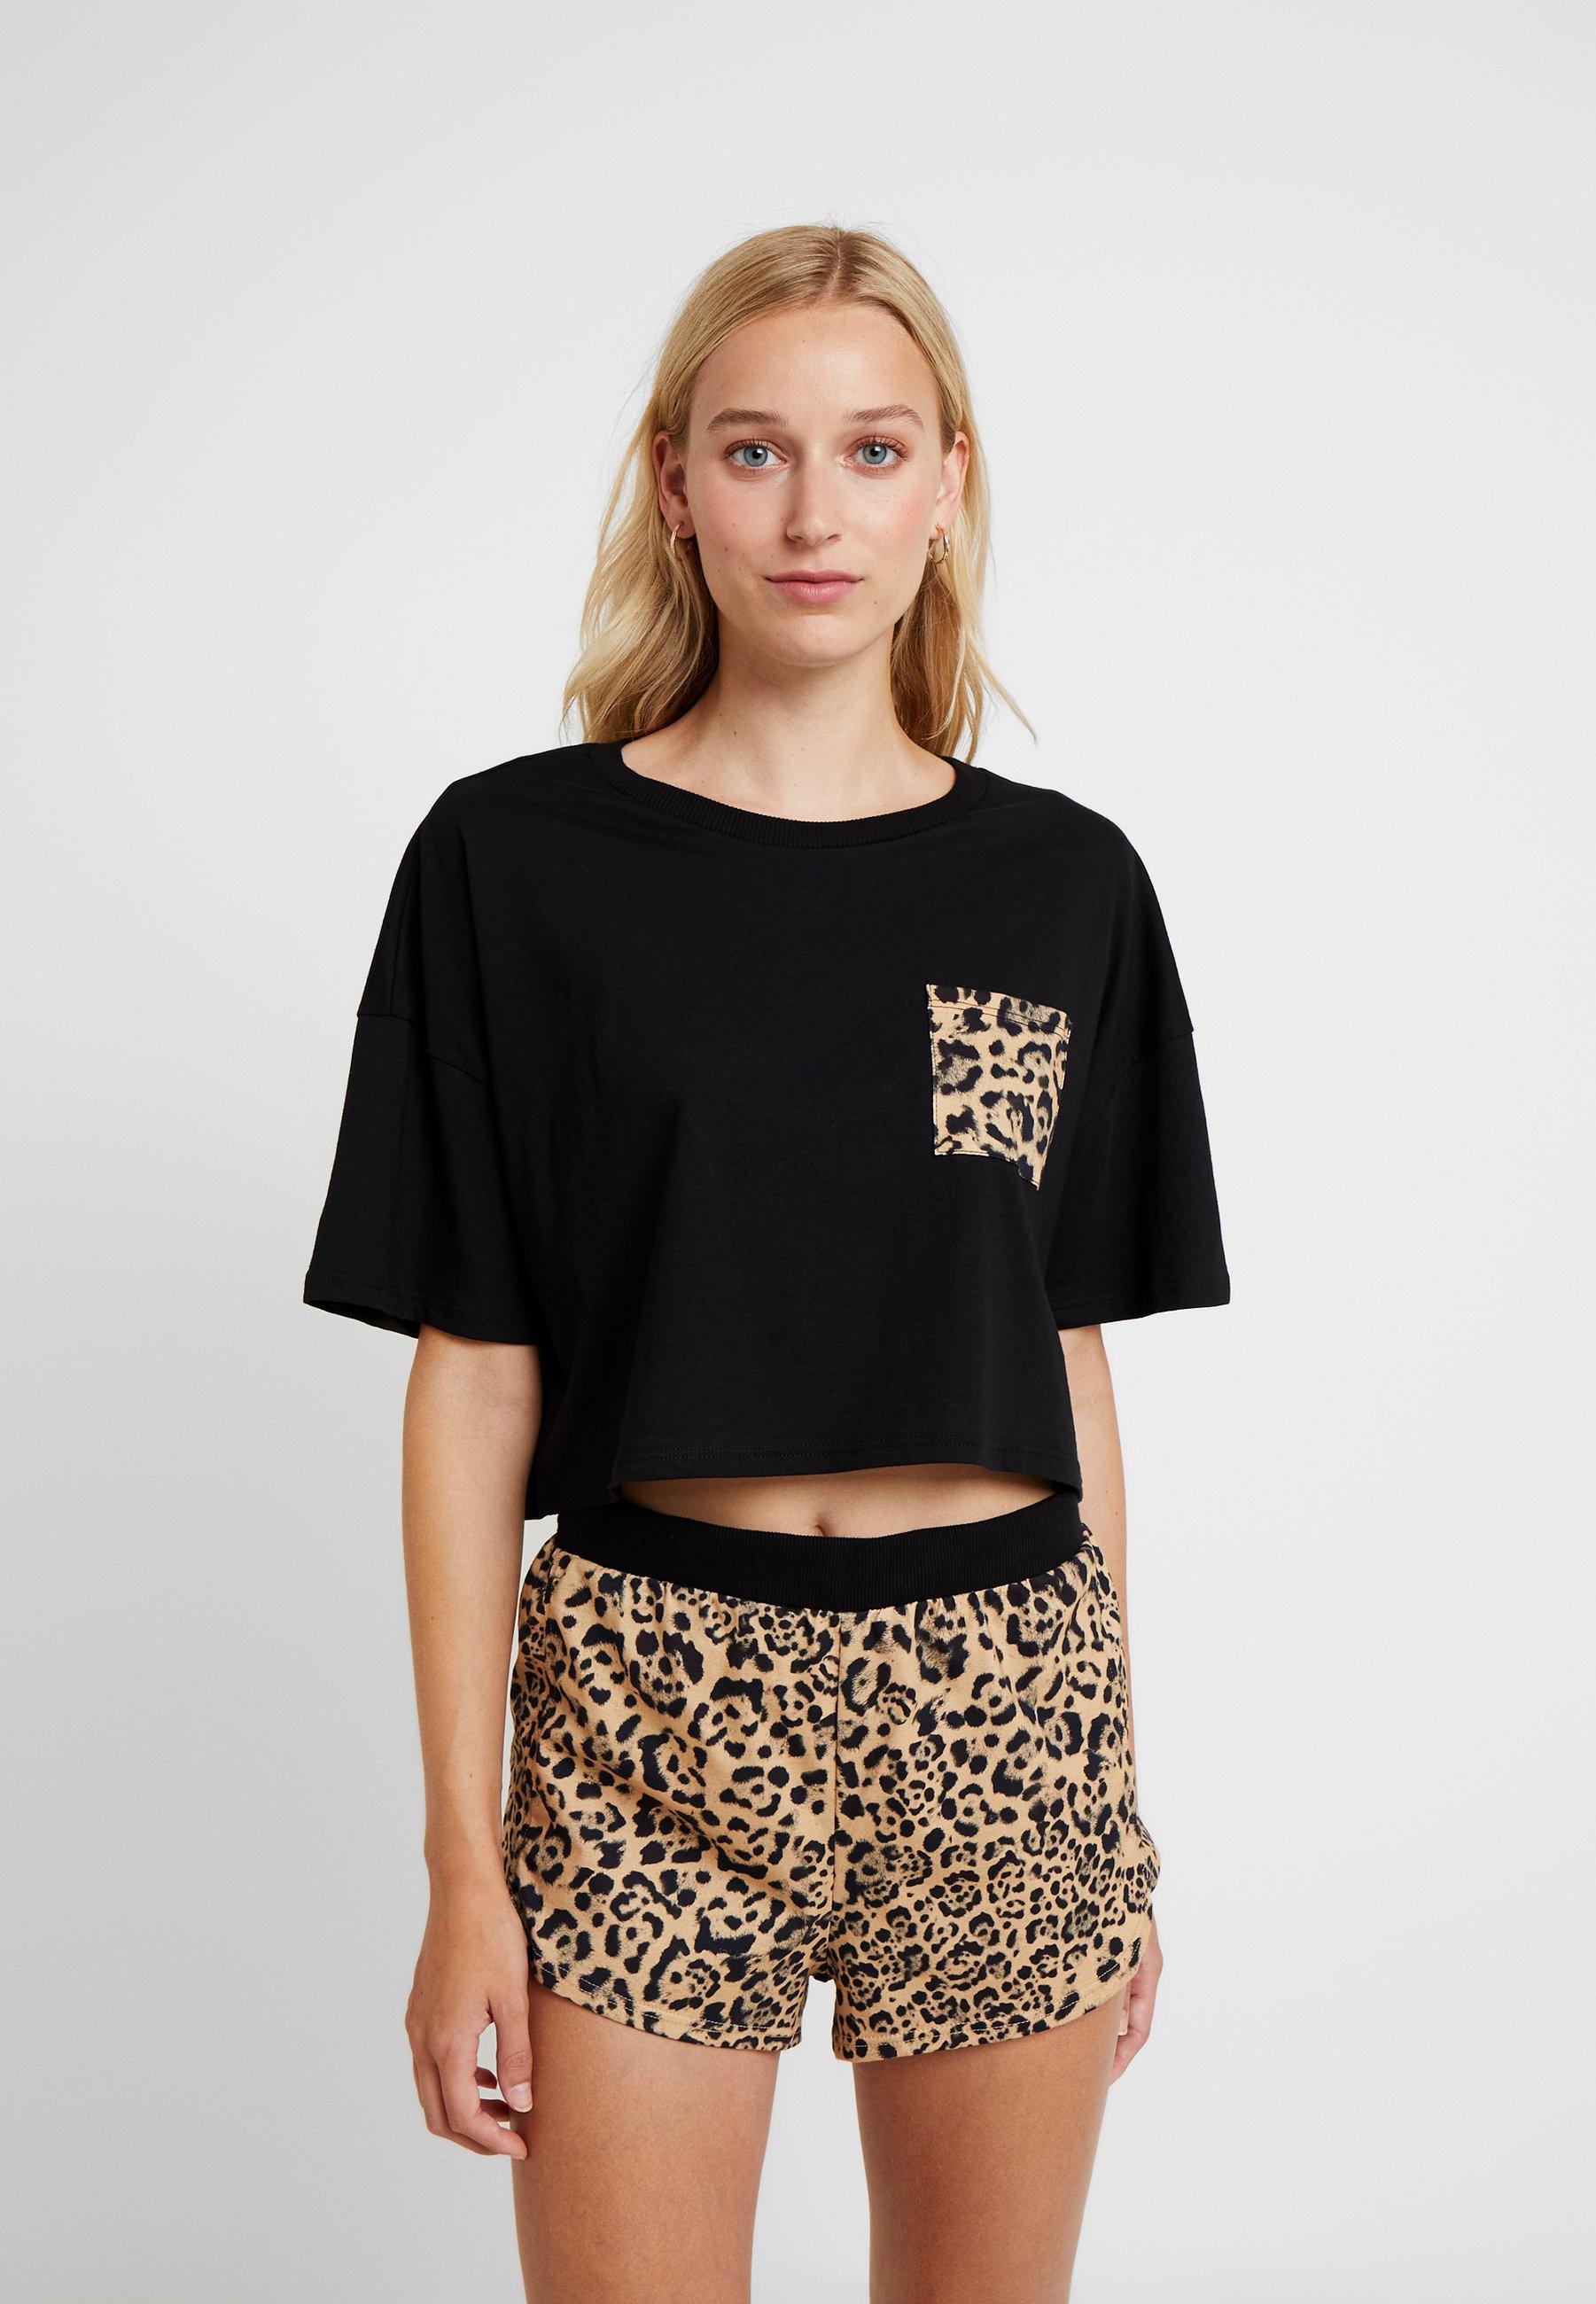 Leopard Boxy Black Topshop SetPyjama Pocket 6gfv7bYy